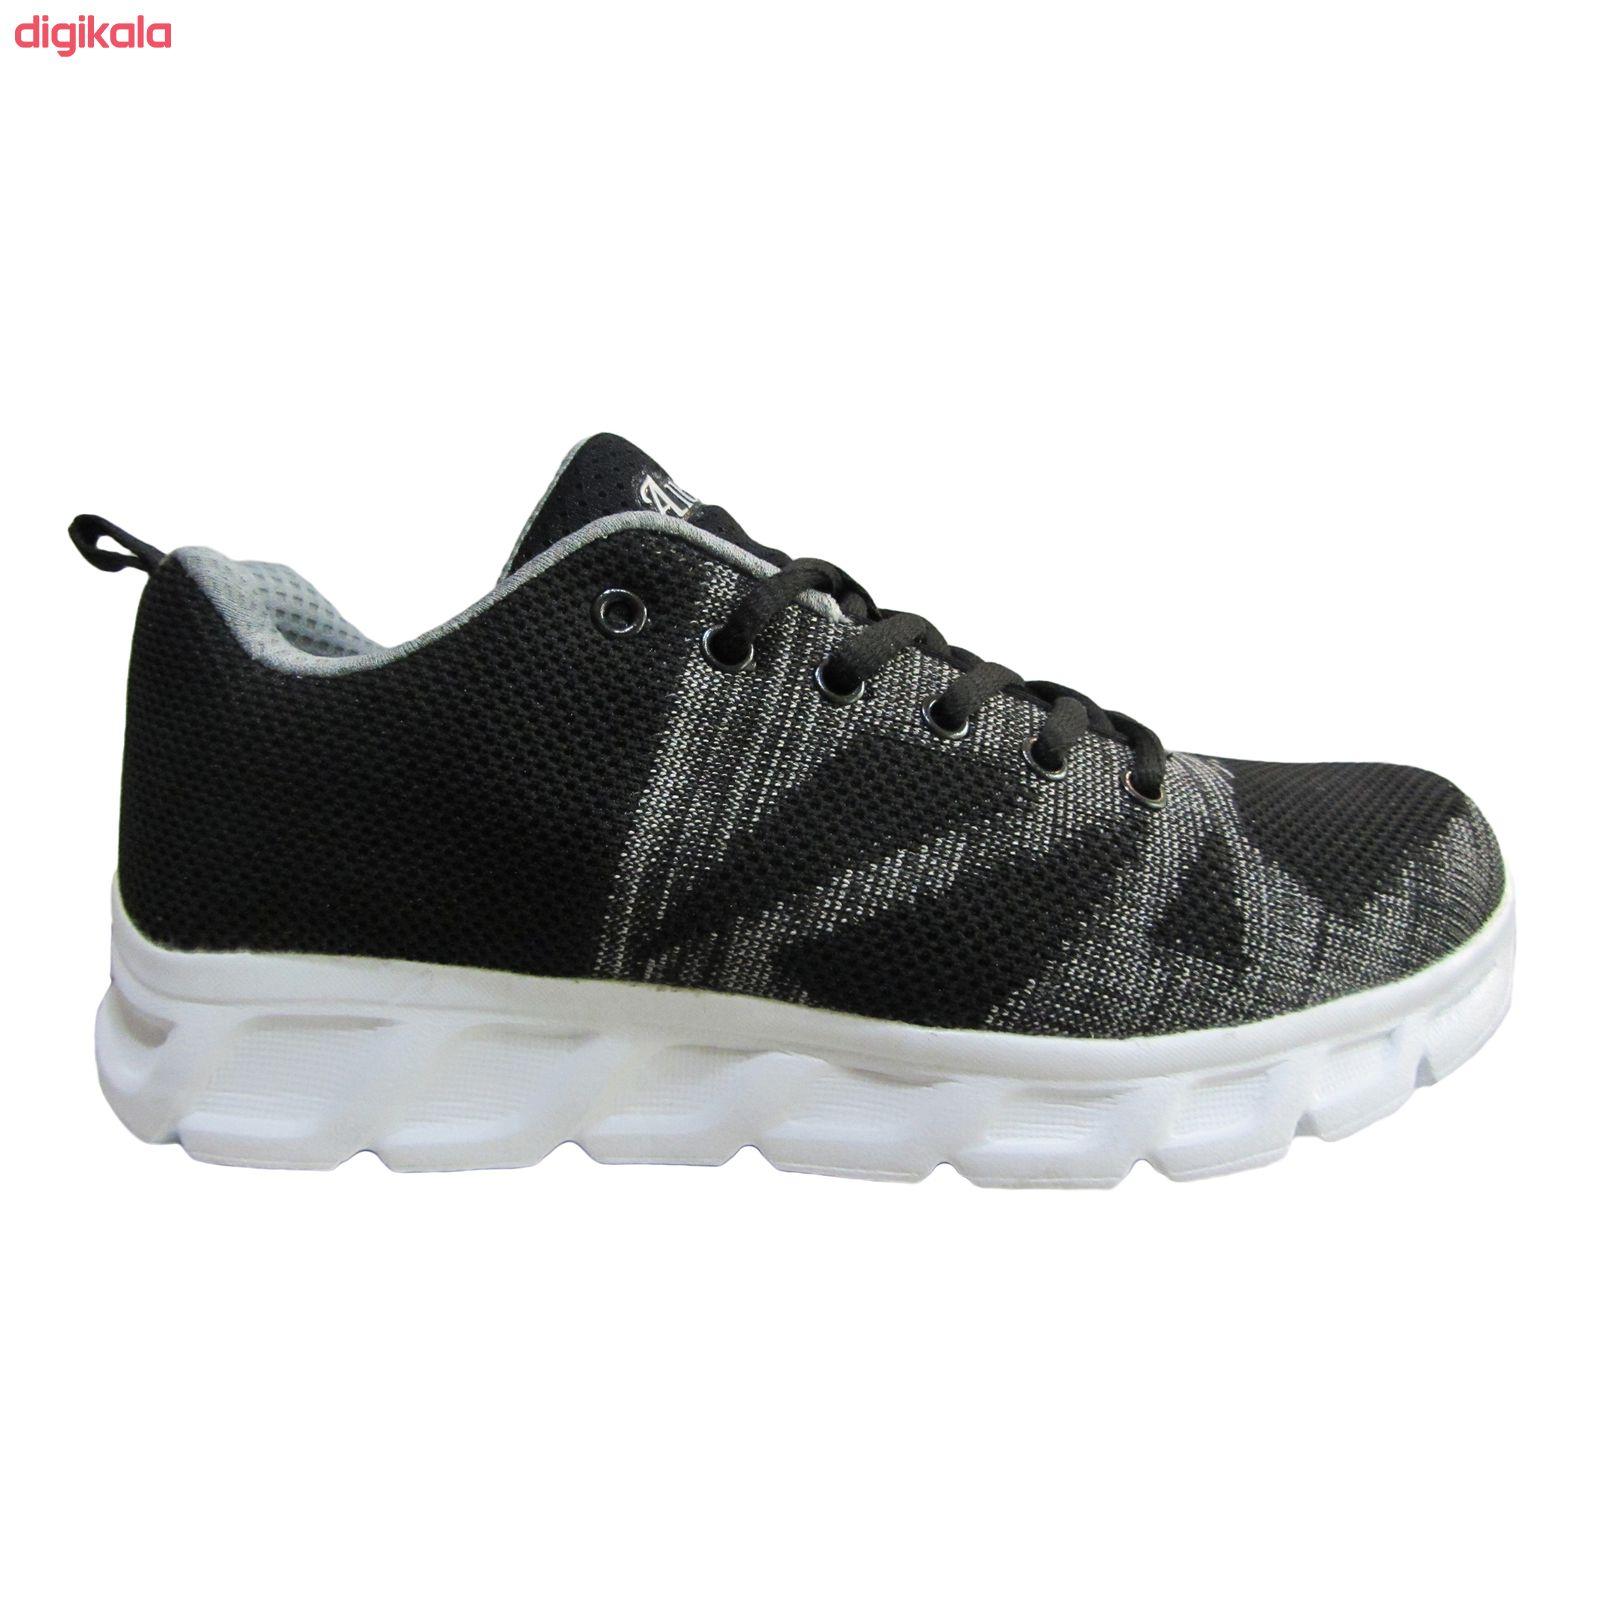 کفش مخصوص پیاده روی زنانه آلبرتینی مدل ستیا کد 02 main 1 2